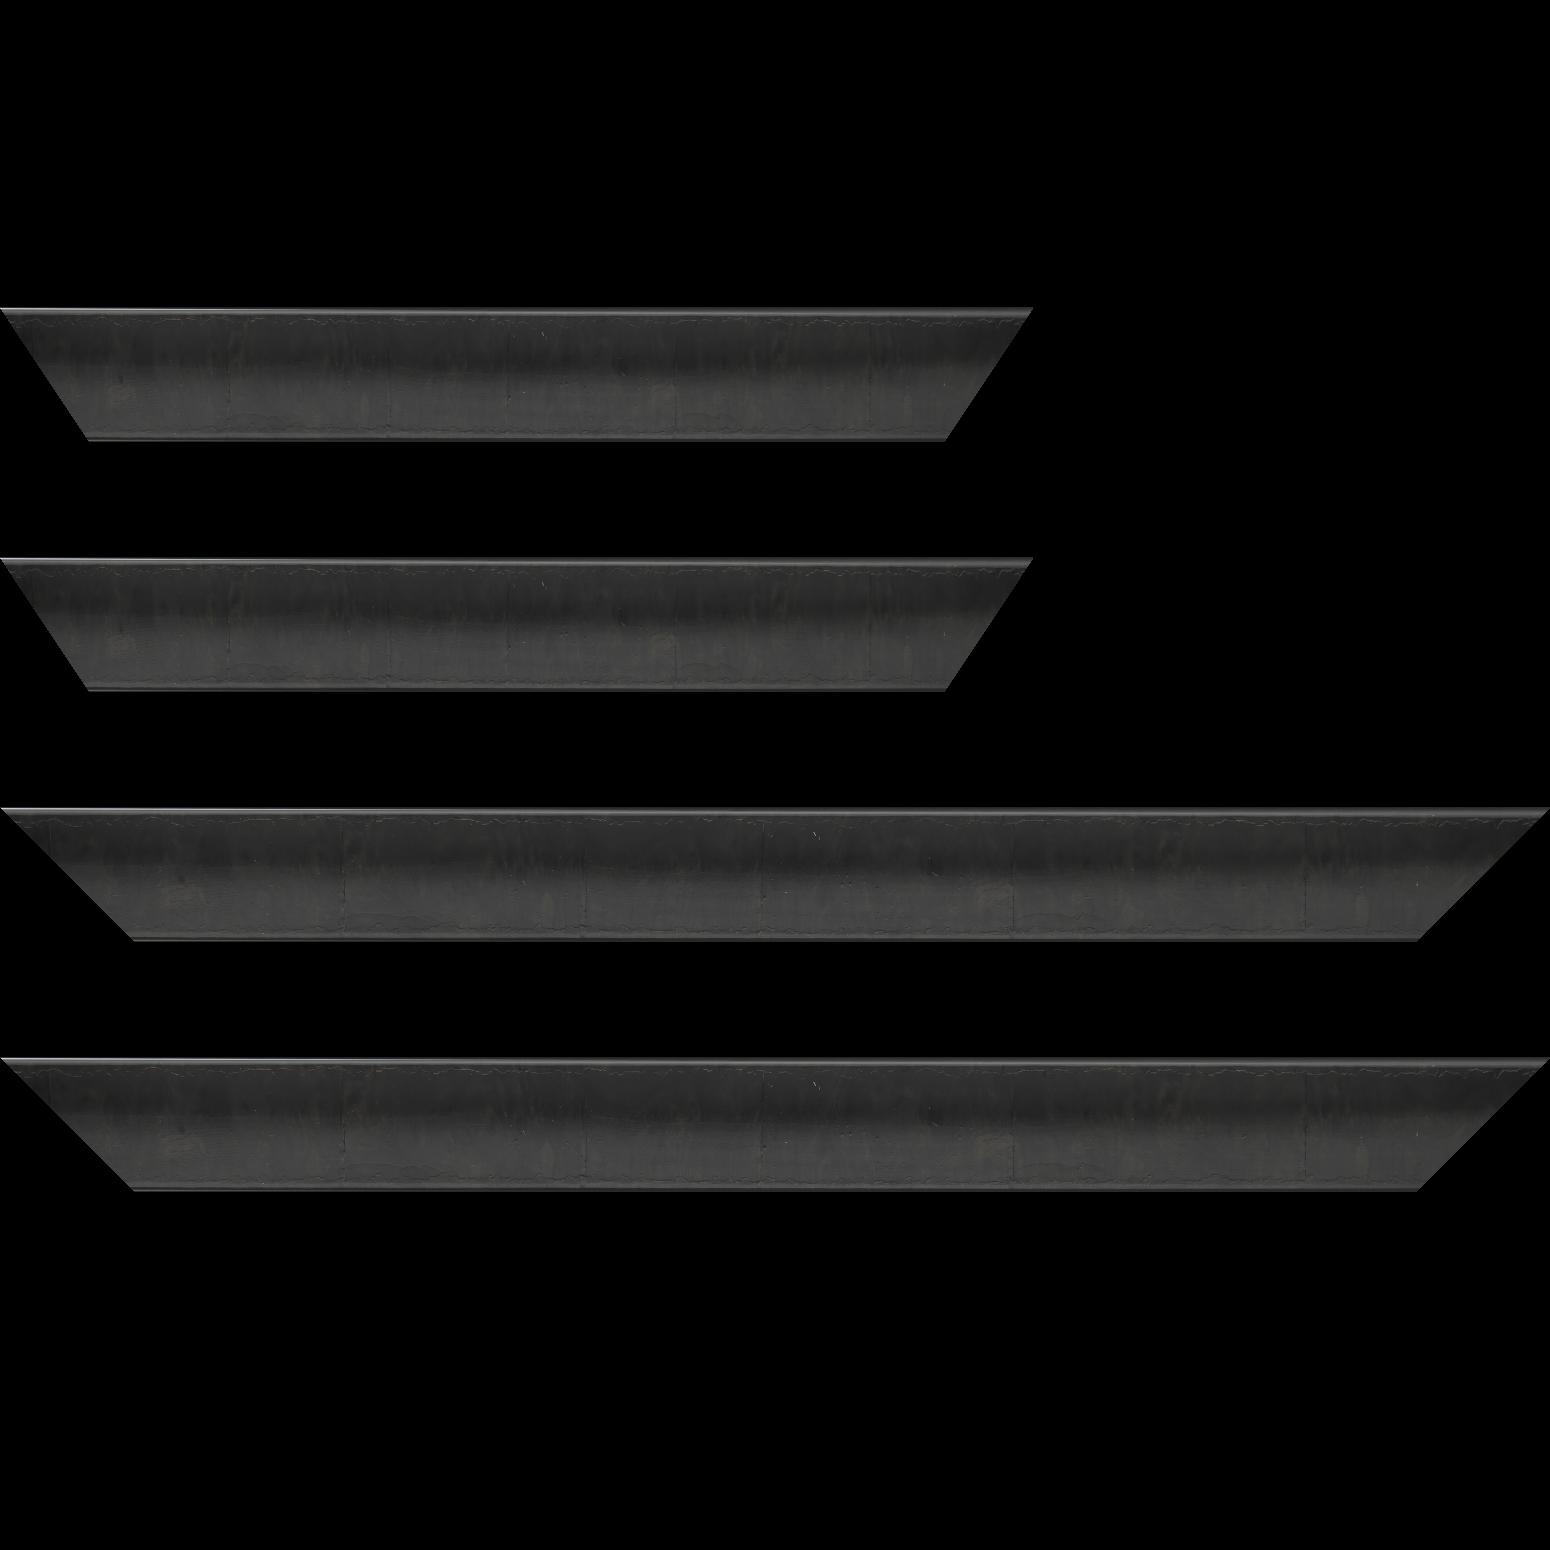 Baguette service précoupé Bois profil incurvé largeur 4.1cm couleur noir anthracite effet plaquage